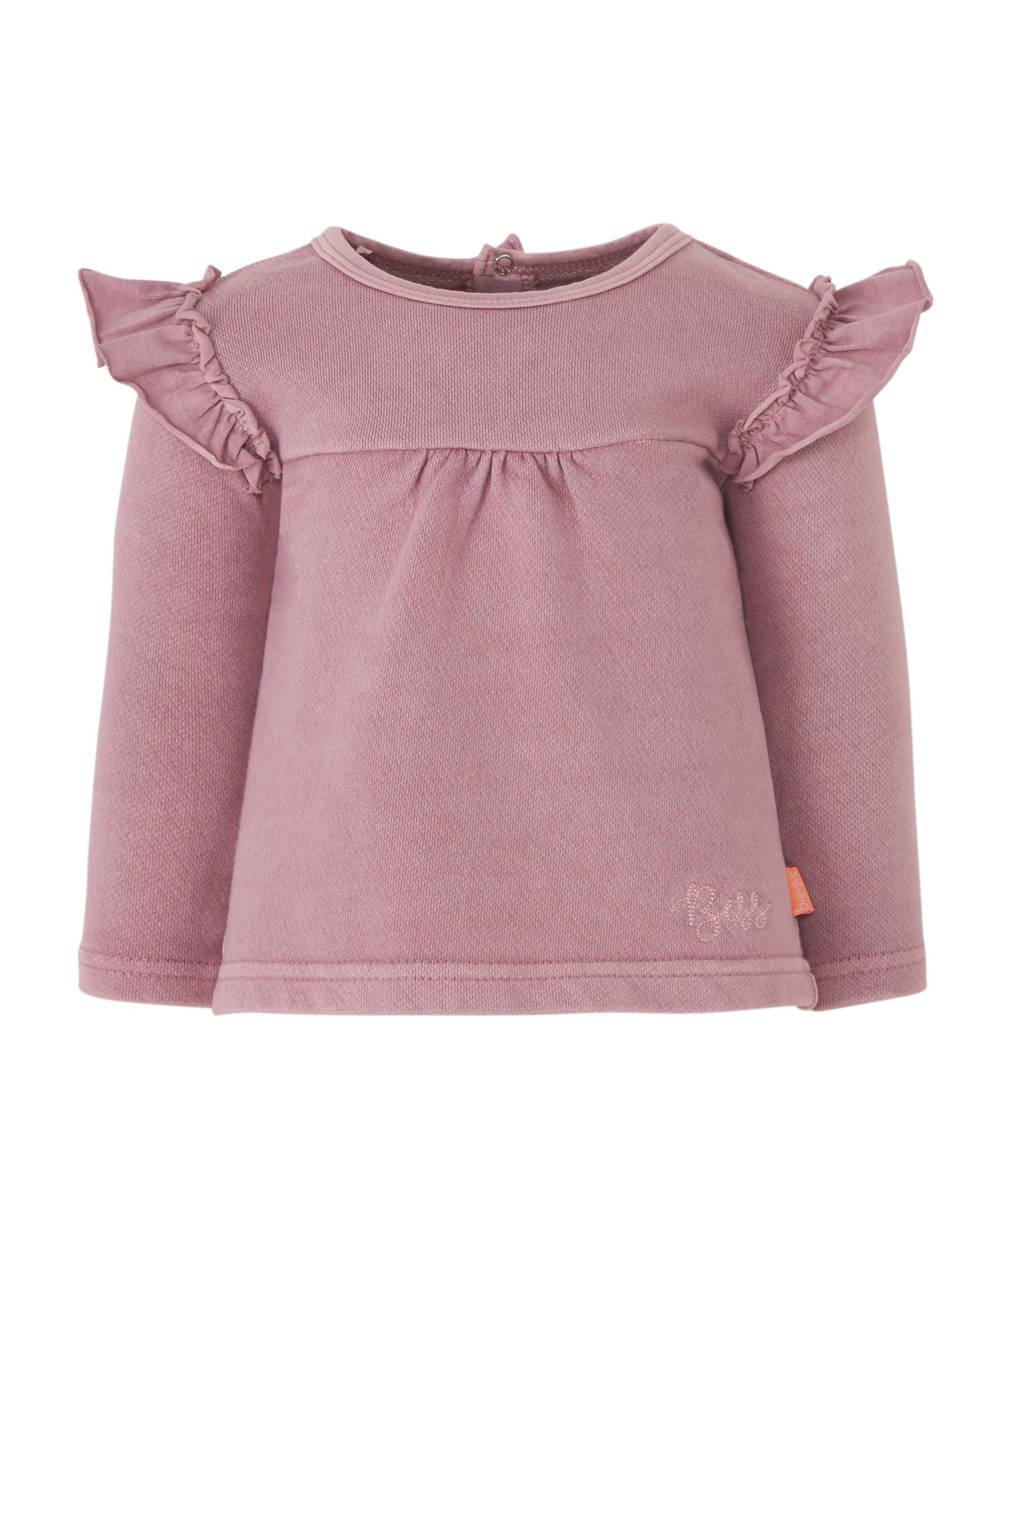 B.E.S.S baby longsleeve roze, Roze